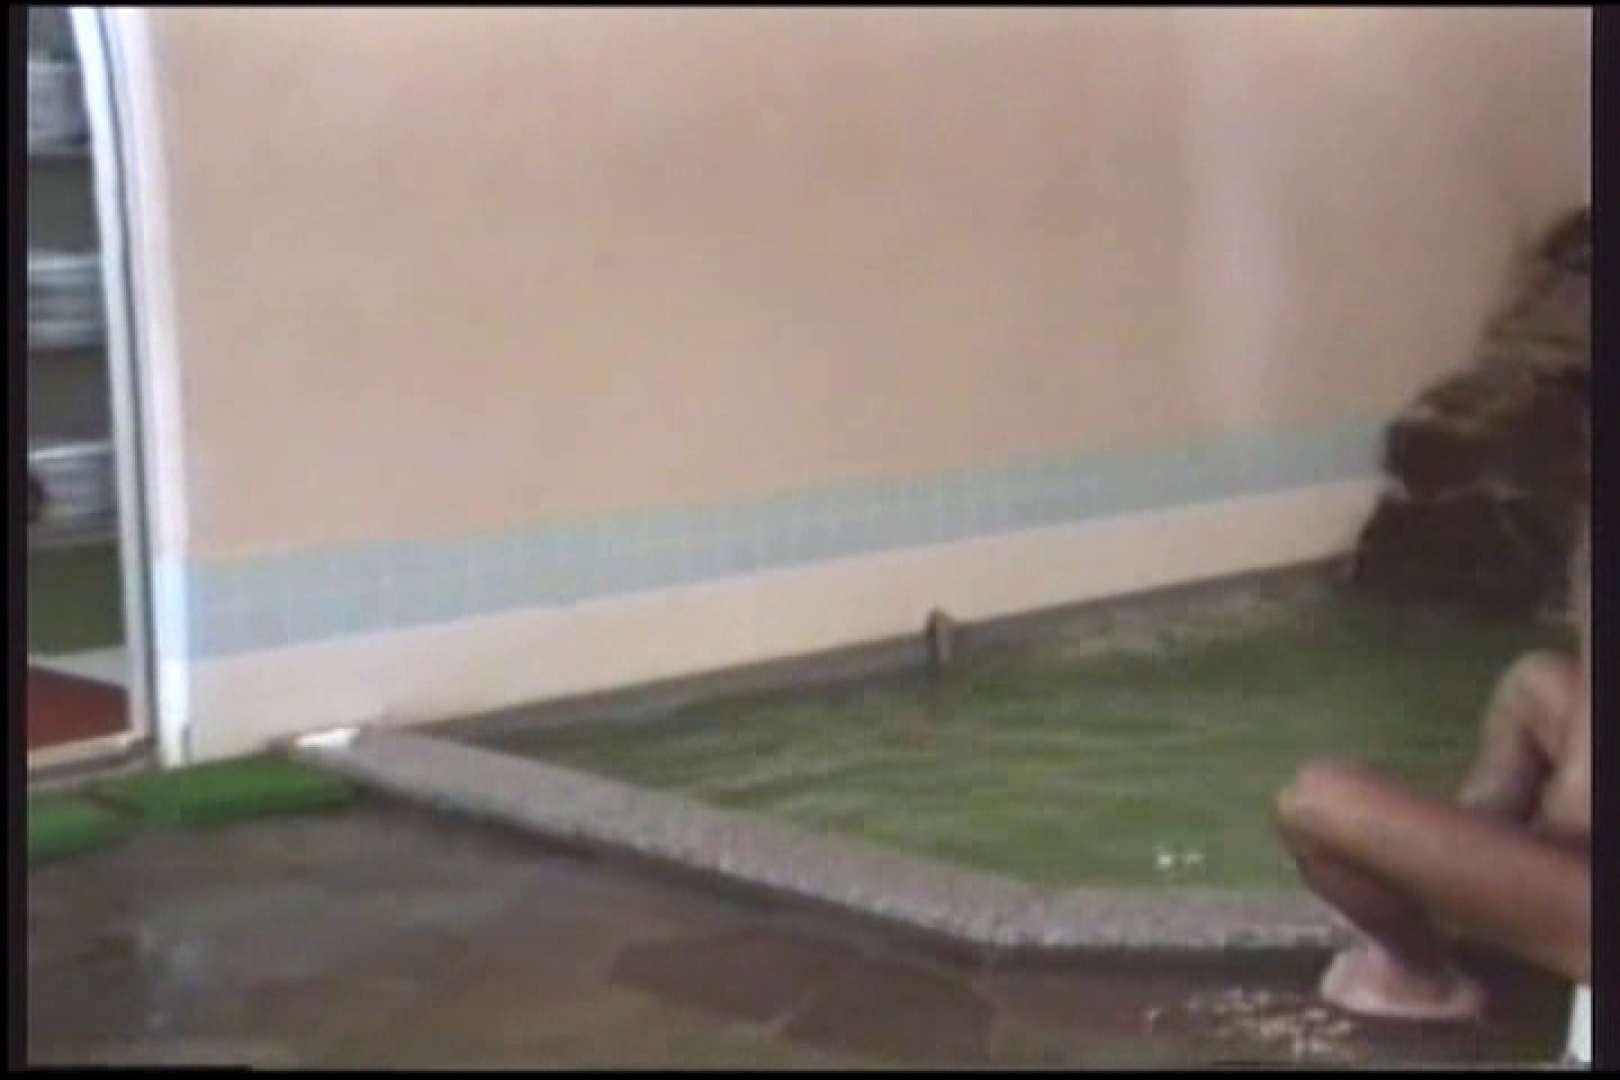 体育会系男子の銭湯合宿を覗いてみようvol.01 裸男子 ゲイ丸見え画像 91枚 88